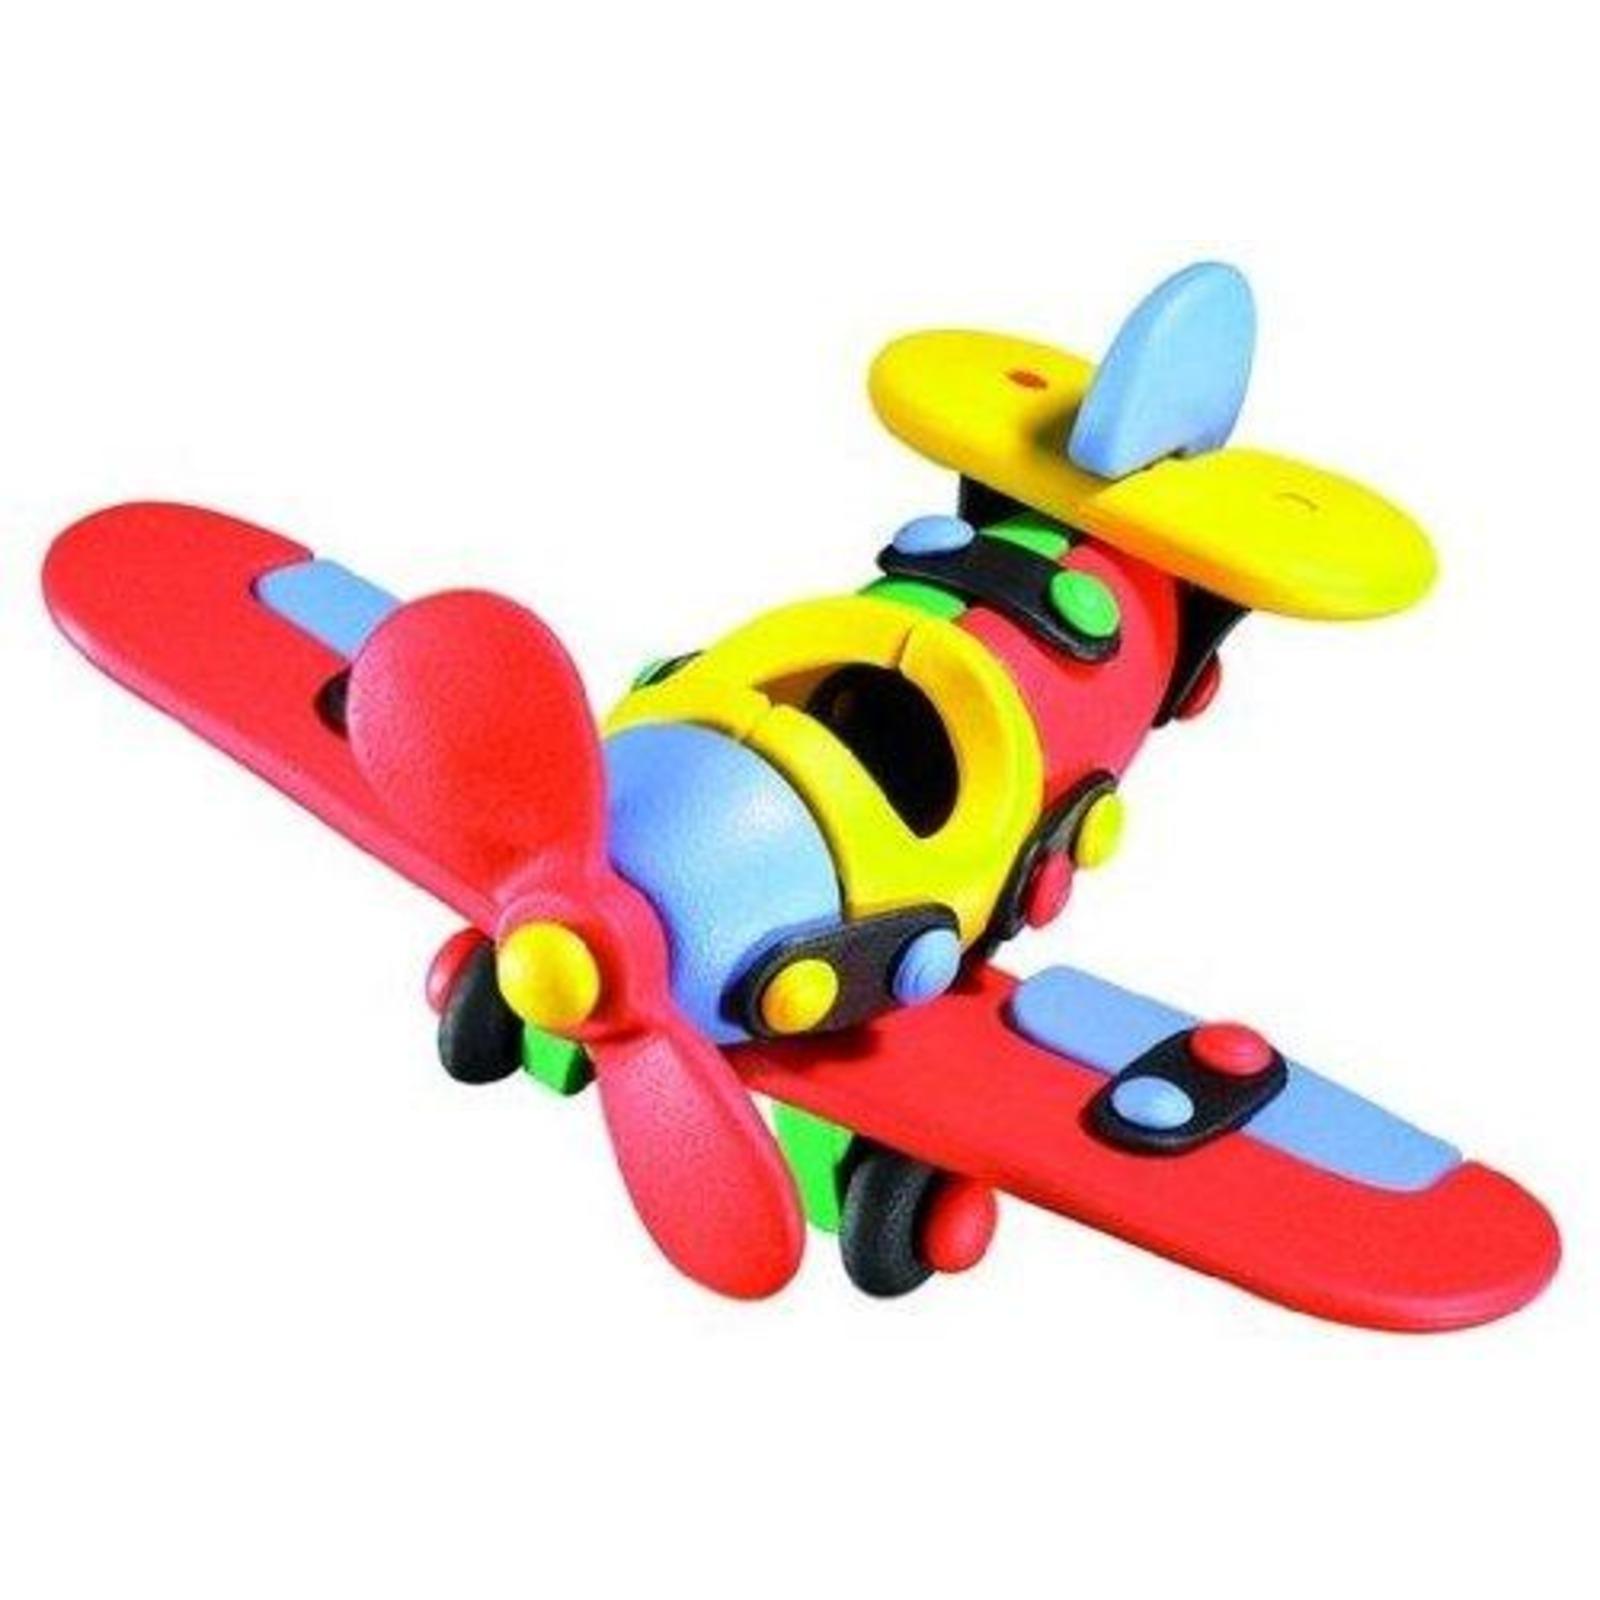 Mic-O-Mic Mic-O-Mic Small Plane (089.002)